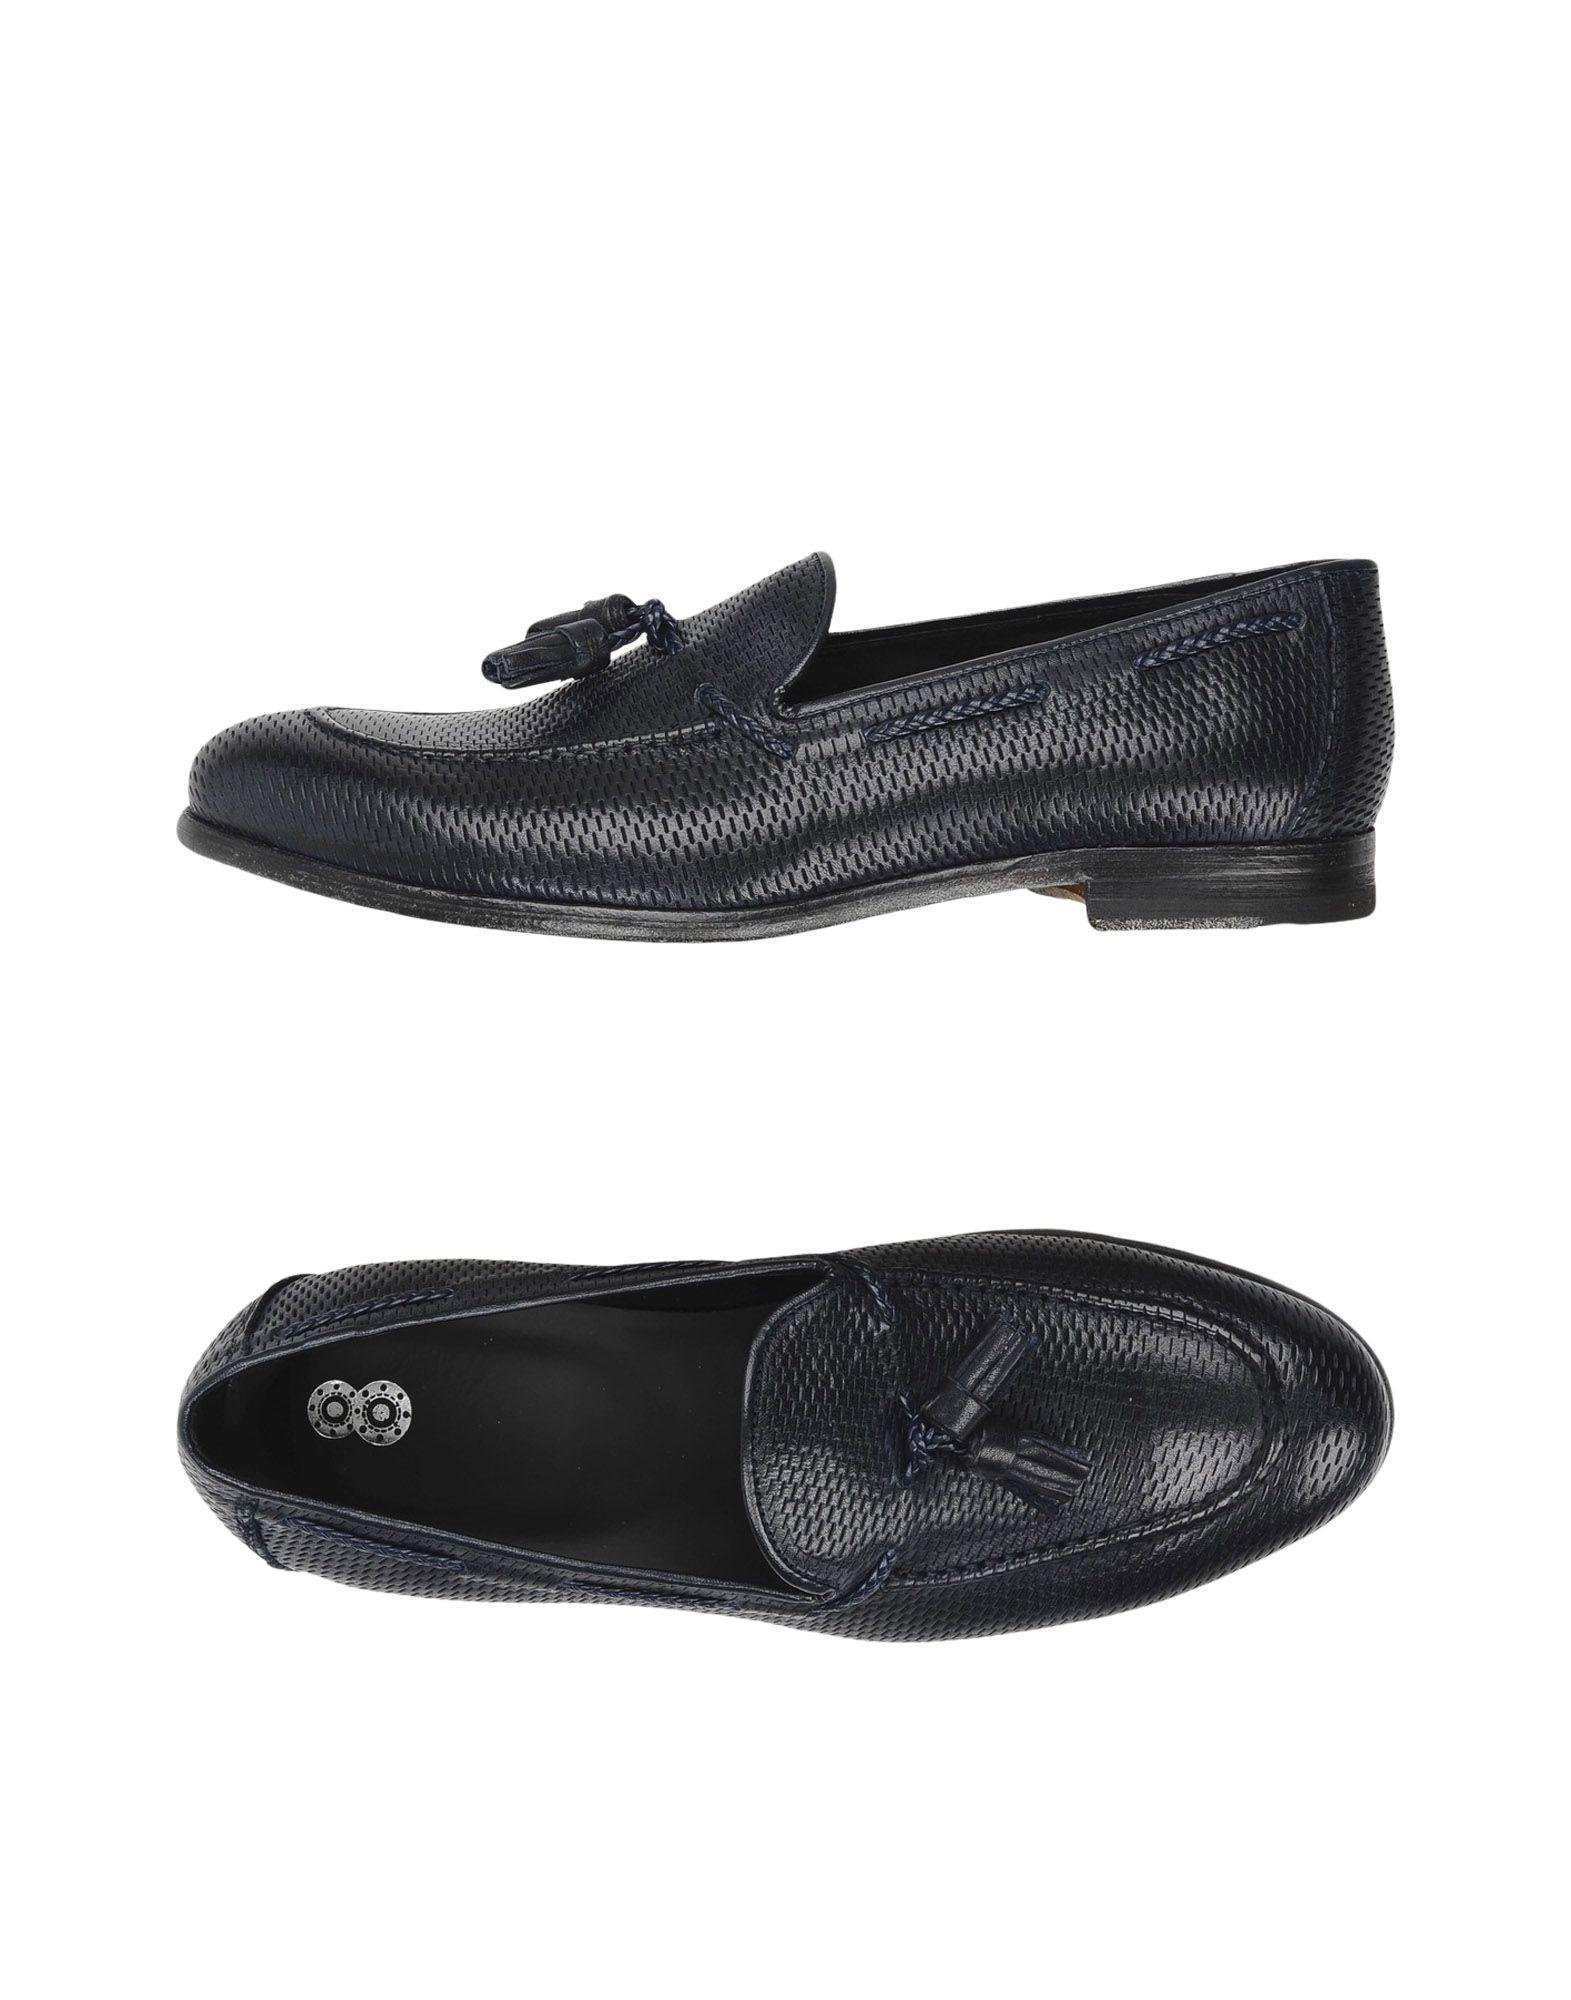 Haltbare Mode billige Schuhe 8 Mokassins Herren  11449760FC Heiße Schuhe